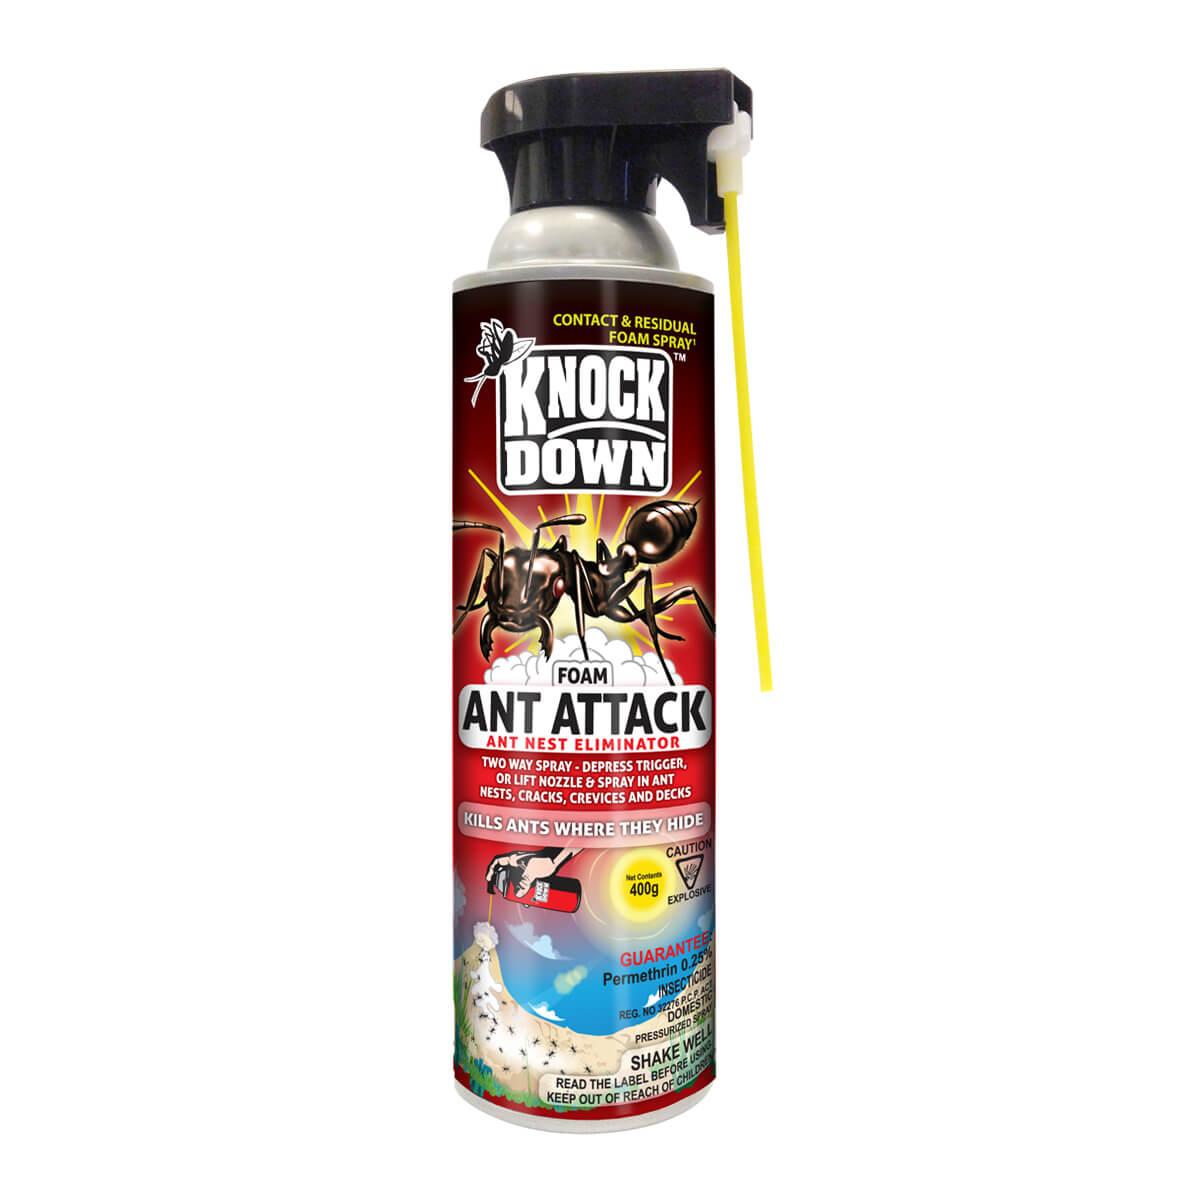 Knock Down Ant Attack Nest Eliminator Foam - 400 g